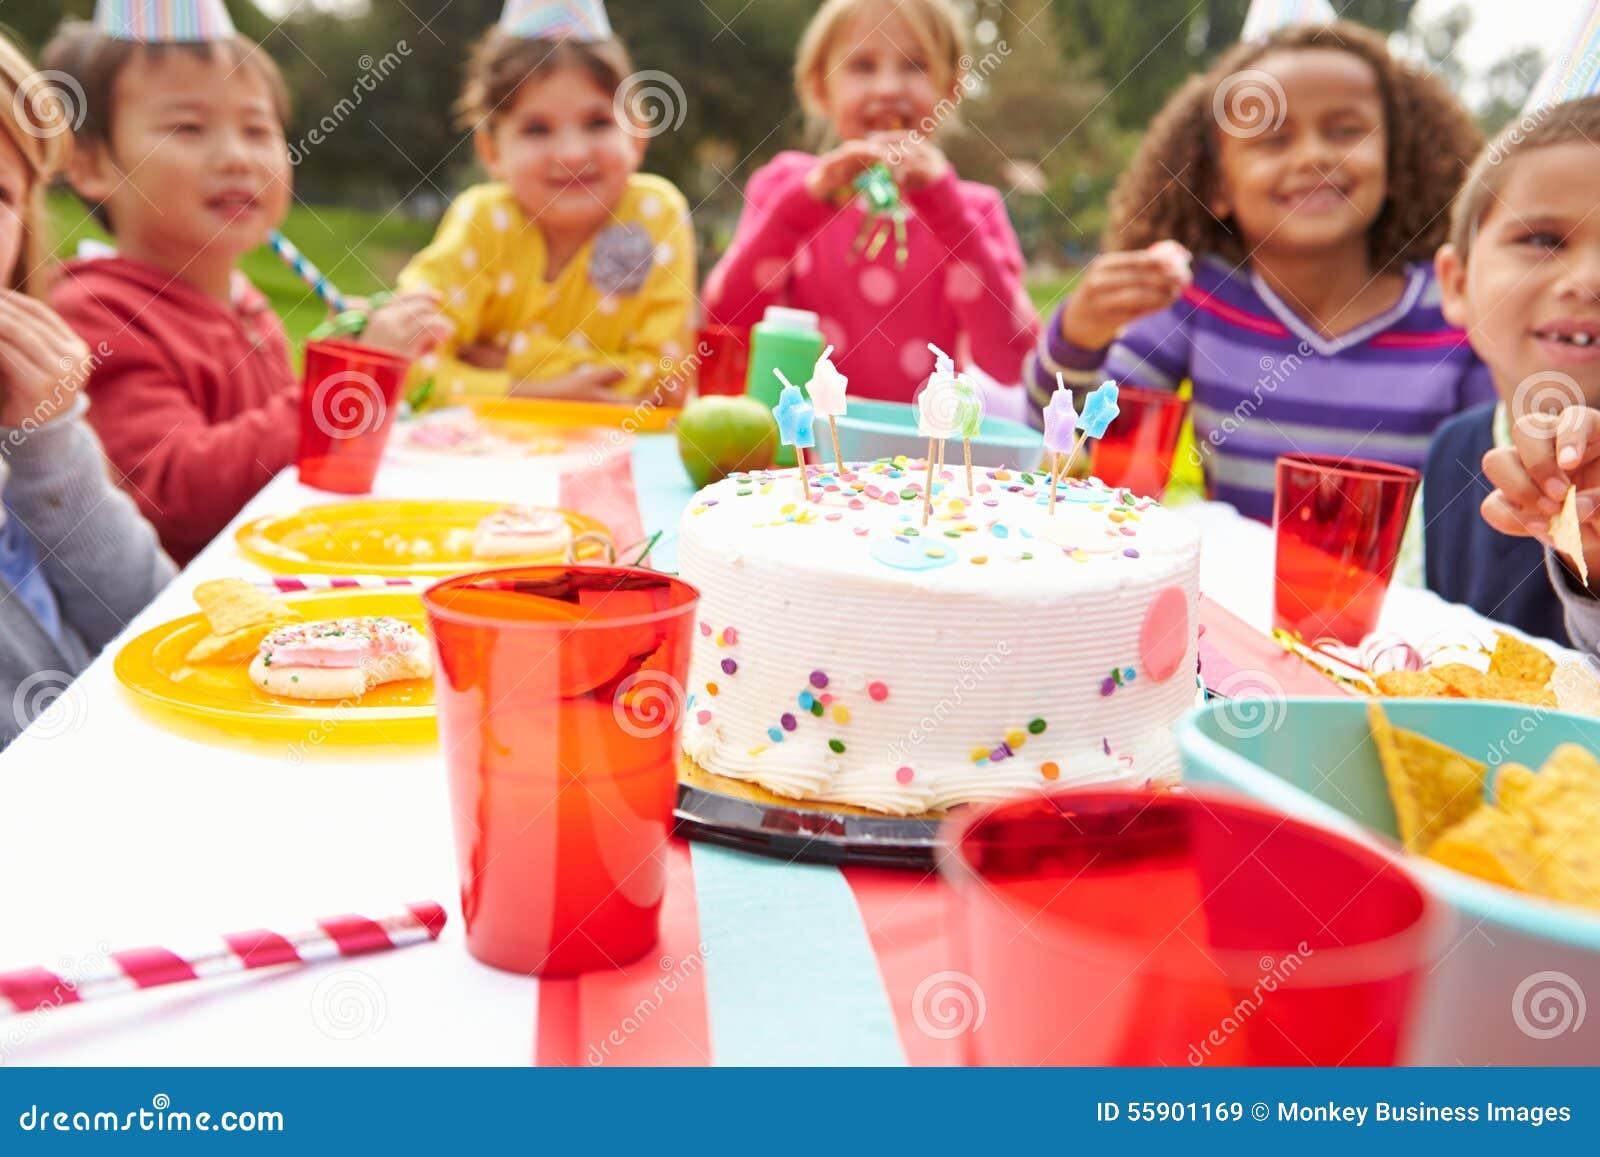 grupo de nios que tienen fiesta de cumpleaos al aire libre foto de archivo with tartas cumpleaos nios